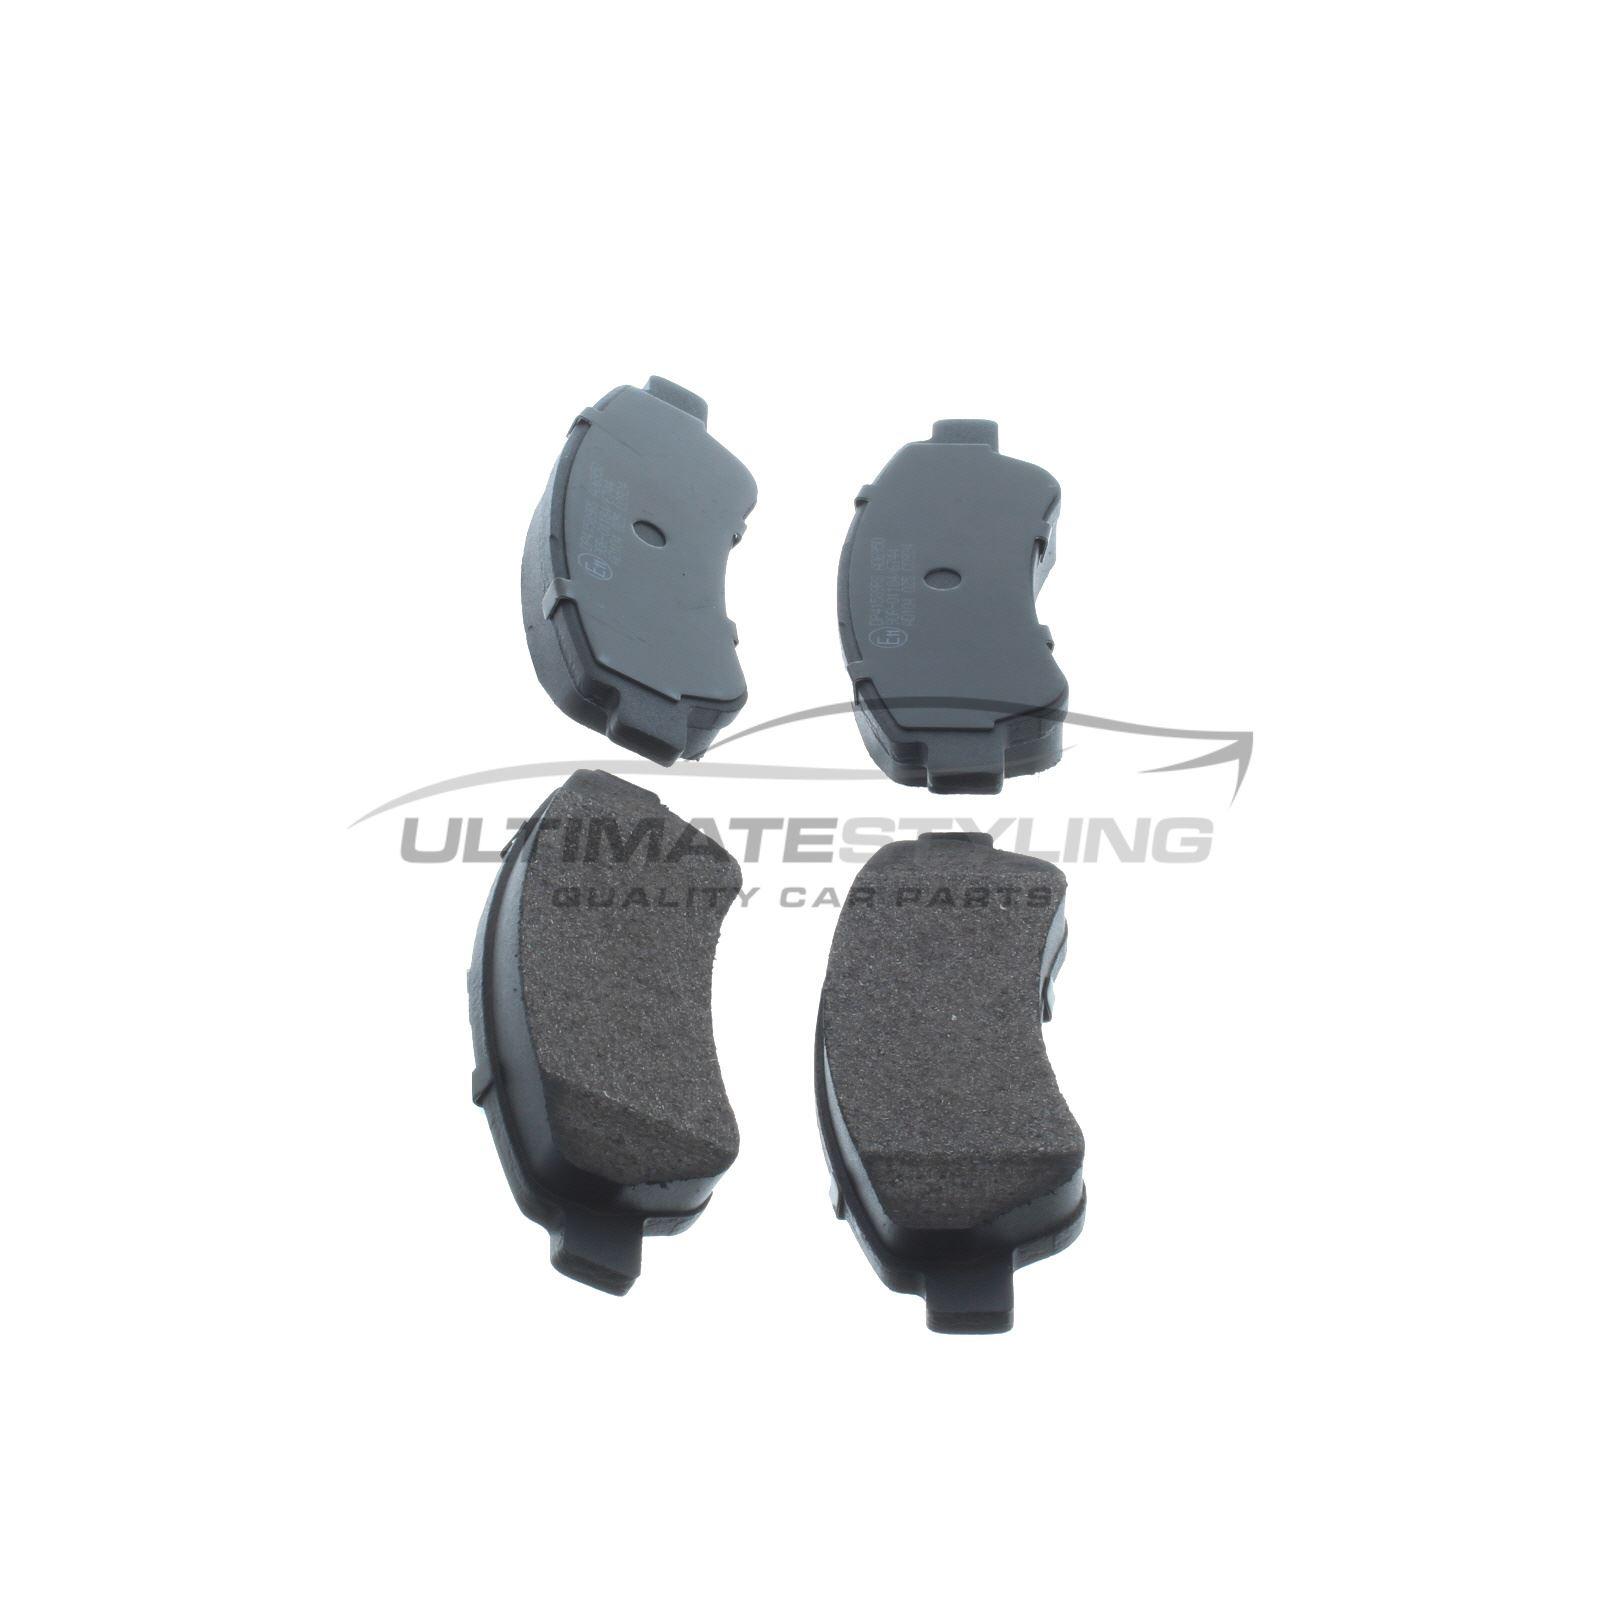 Citroen Relay 250 MPV 2009-2011 2.2 Rear Brake Pads Kit W137-H49-T18.8